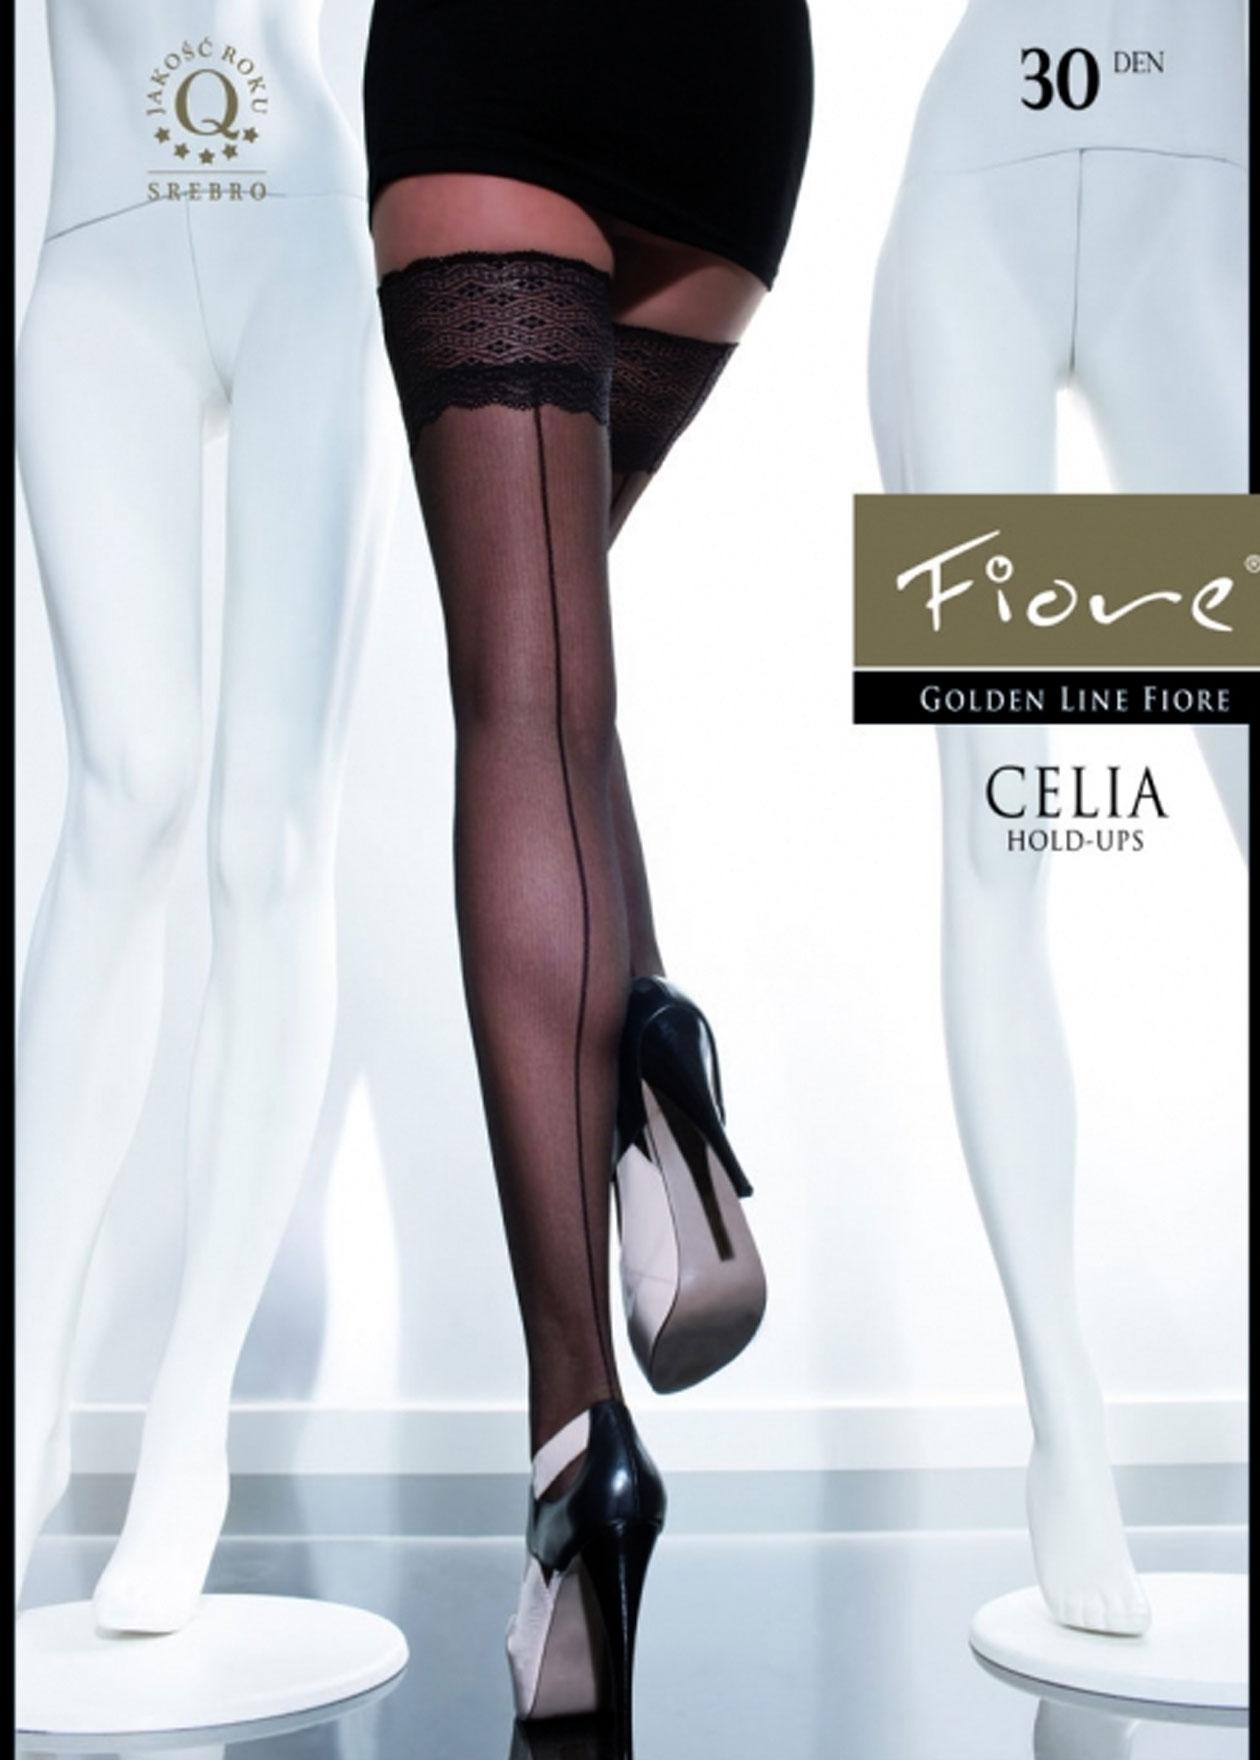 Fiore Celia 30